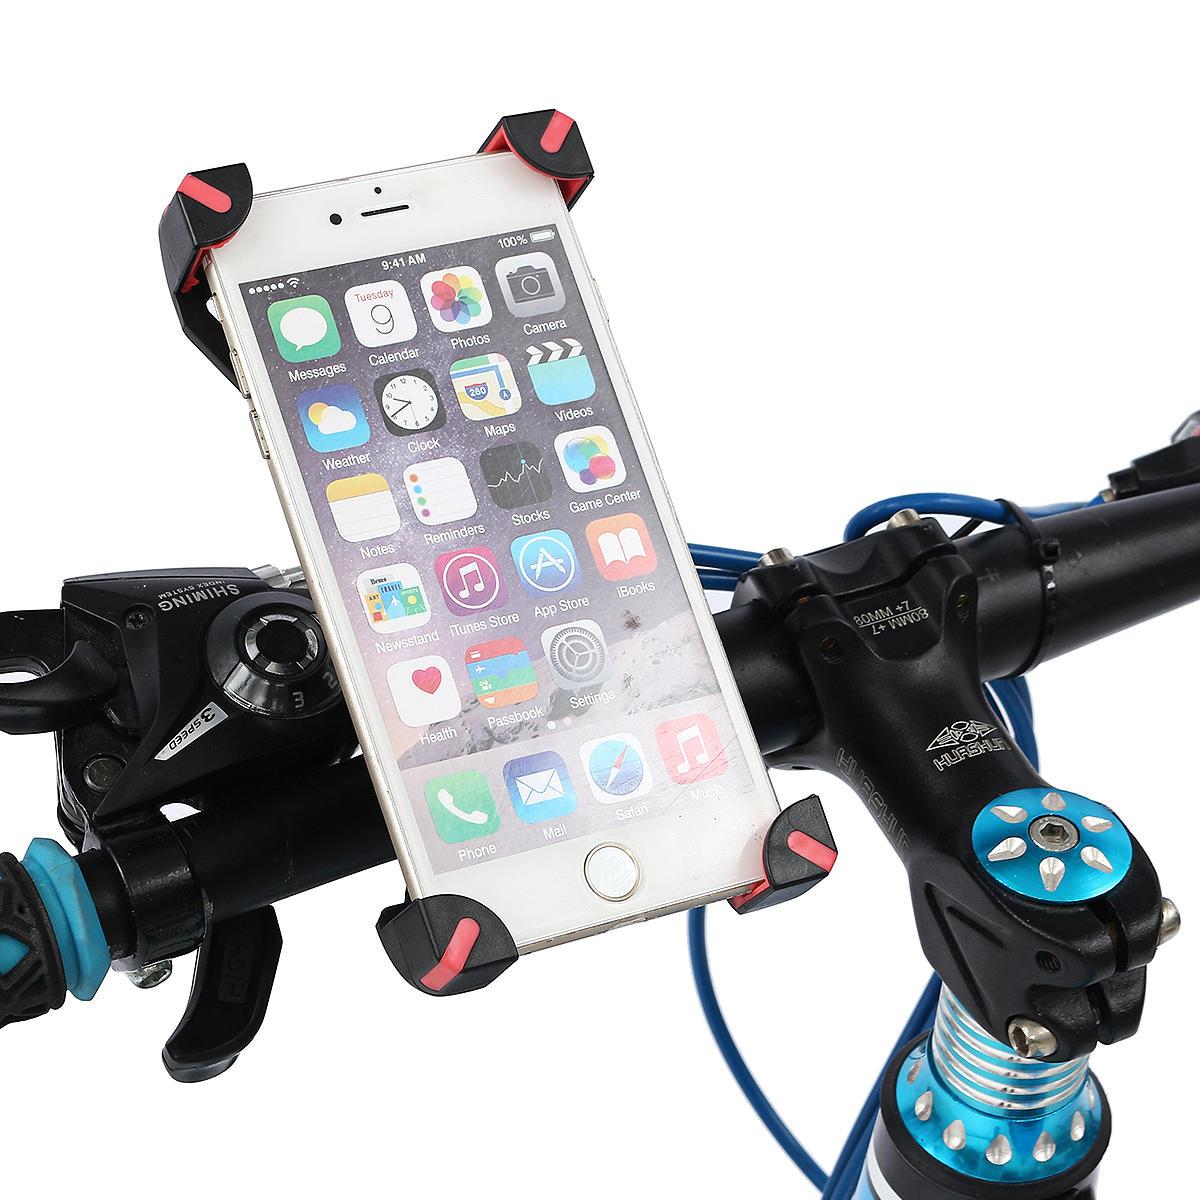 mobile holder for bike off 64% - gidagkp.org